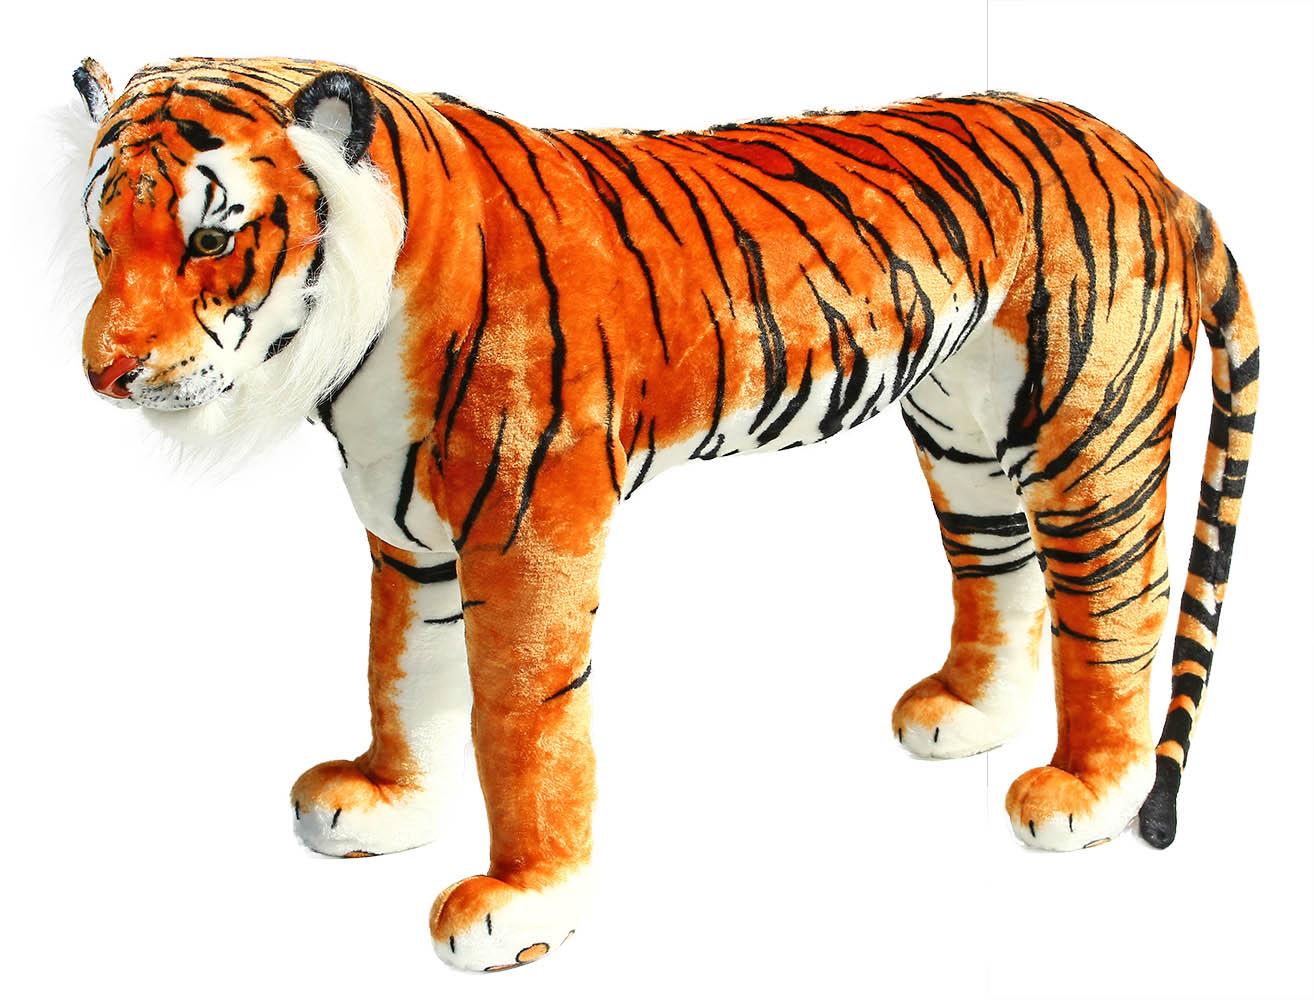 veľký plyšový tiger stojaci 106 cm - možno sedieť